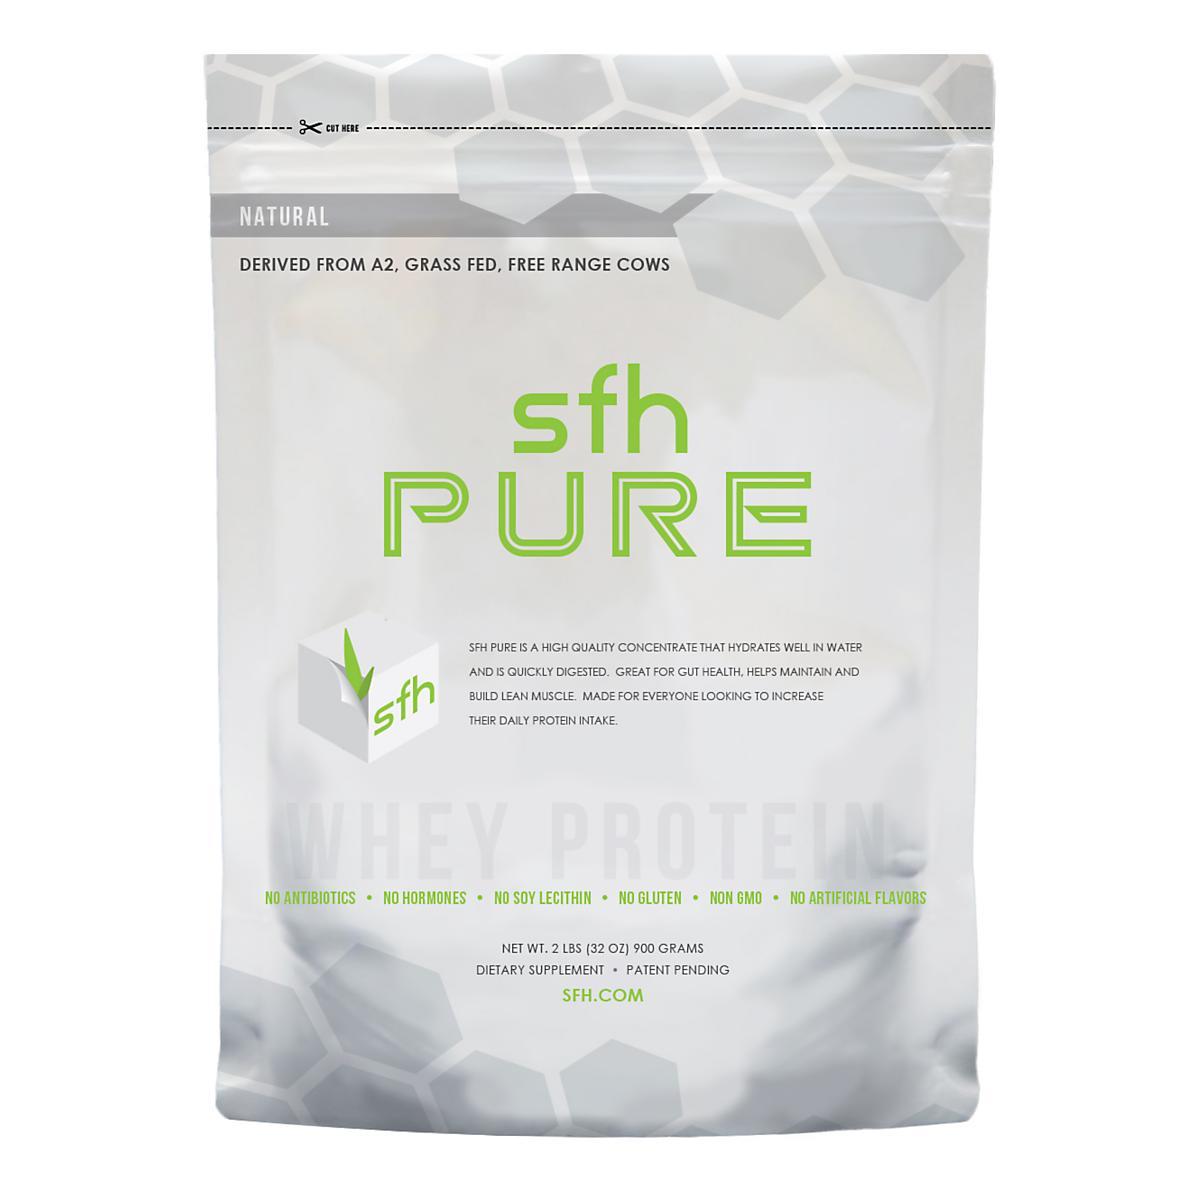 SFH�Pure Whey 2 pound Bag